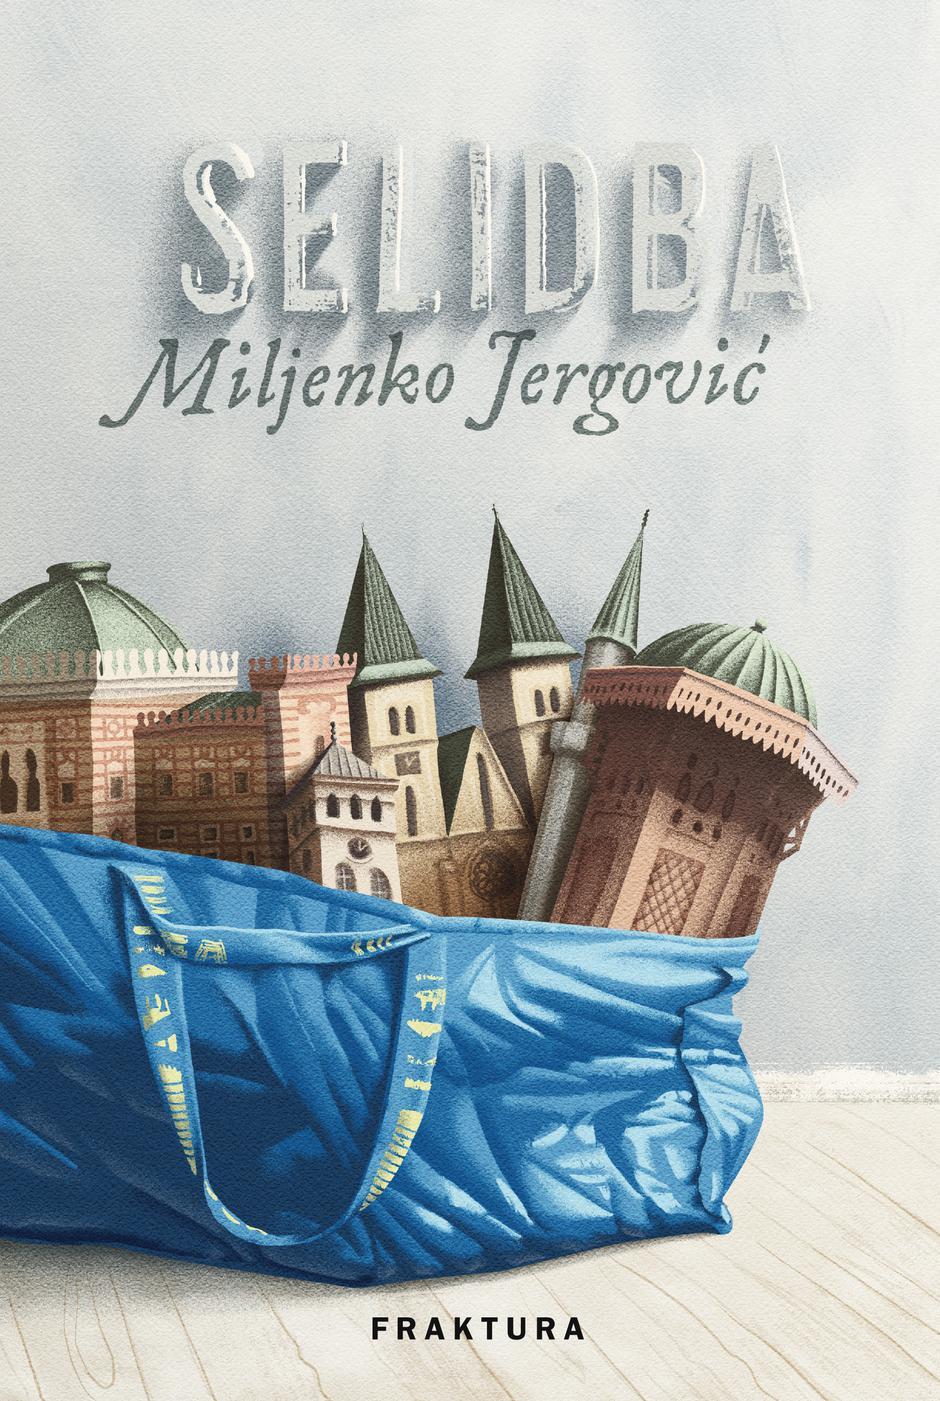 Miljenko Jergović | Author: Fraktura